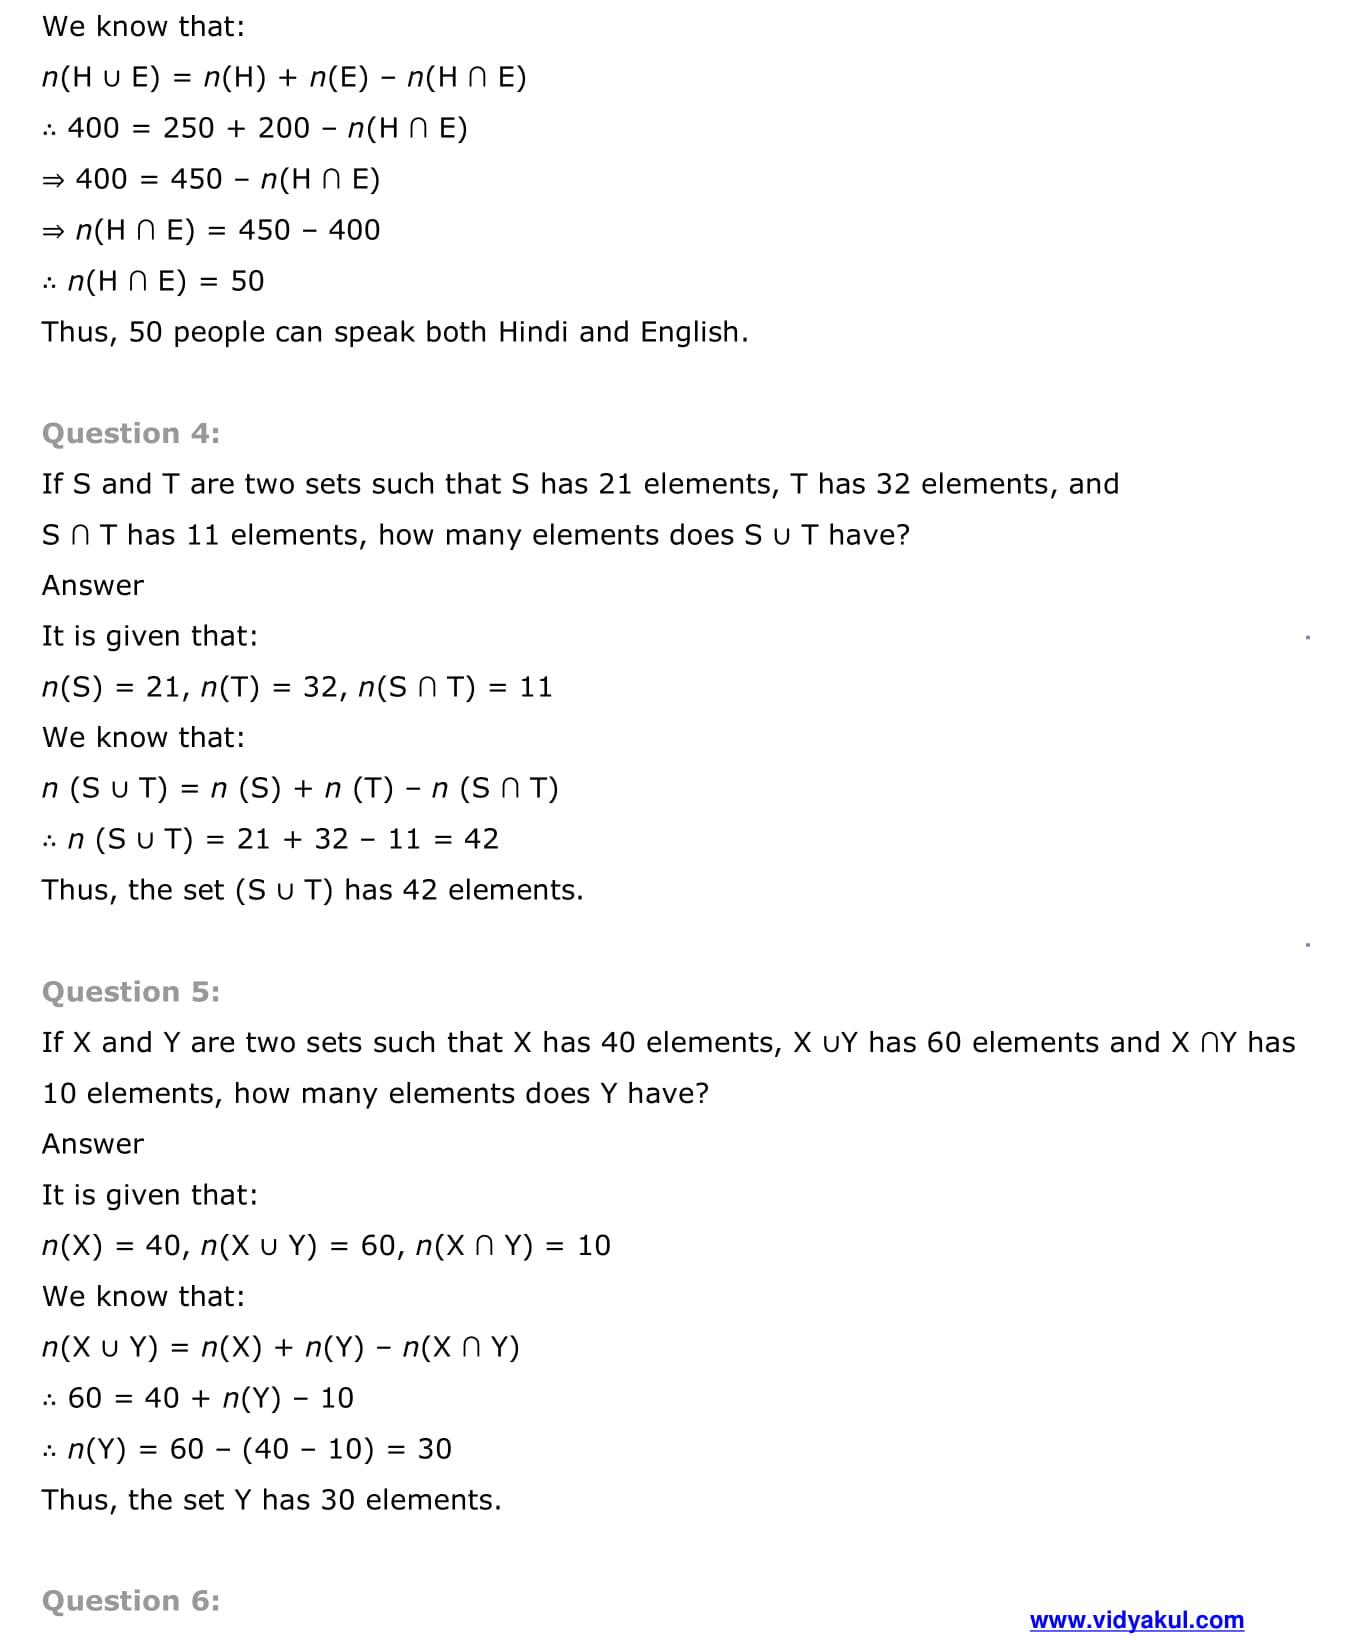 NCERT Solutions Class 11 Maths Chapter 1 | Vidyakul